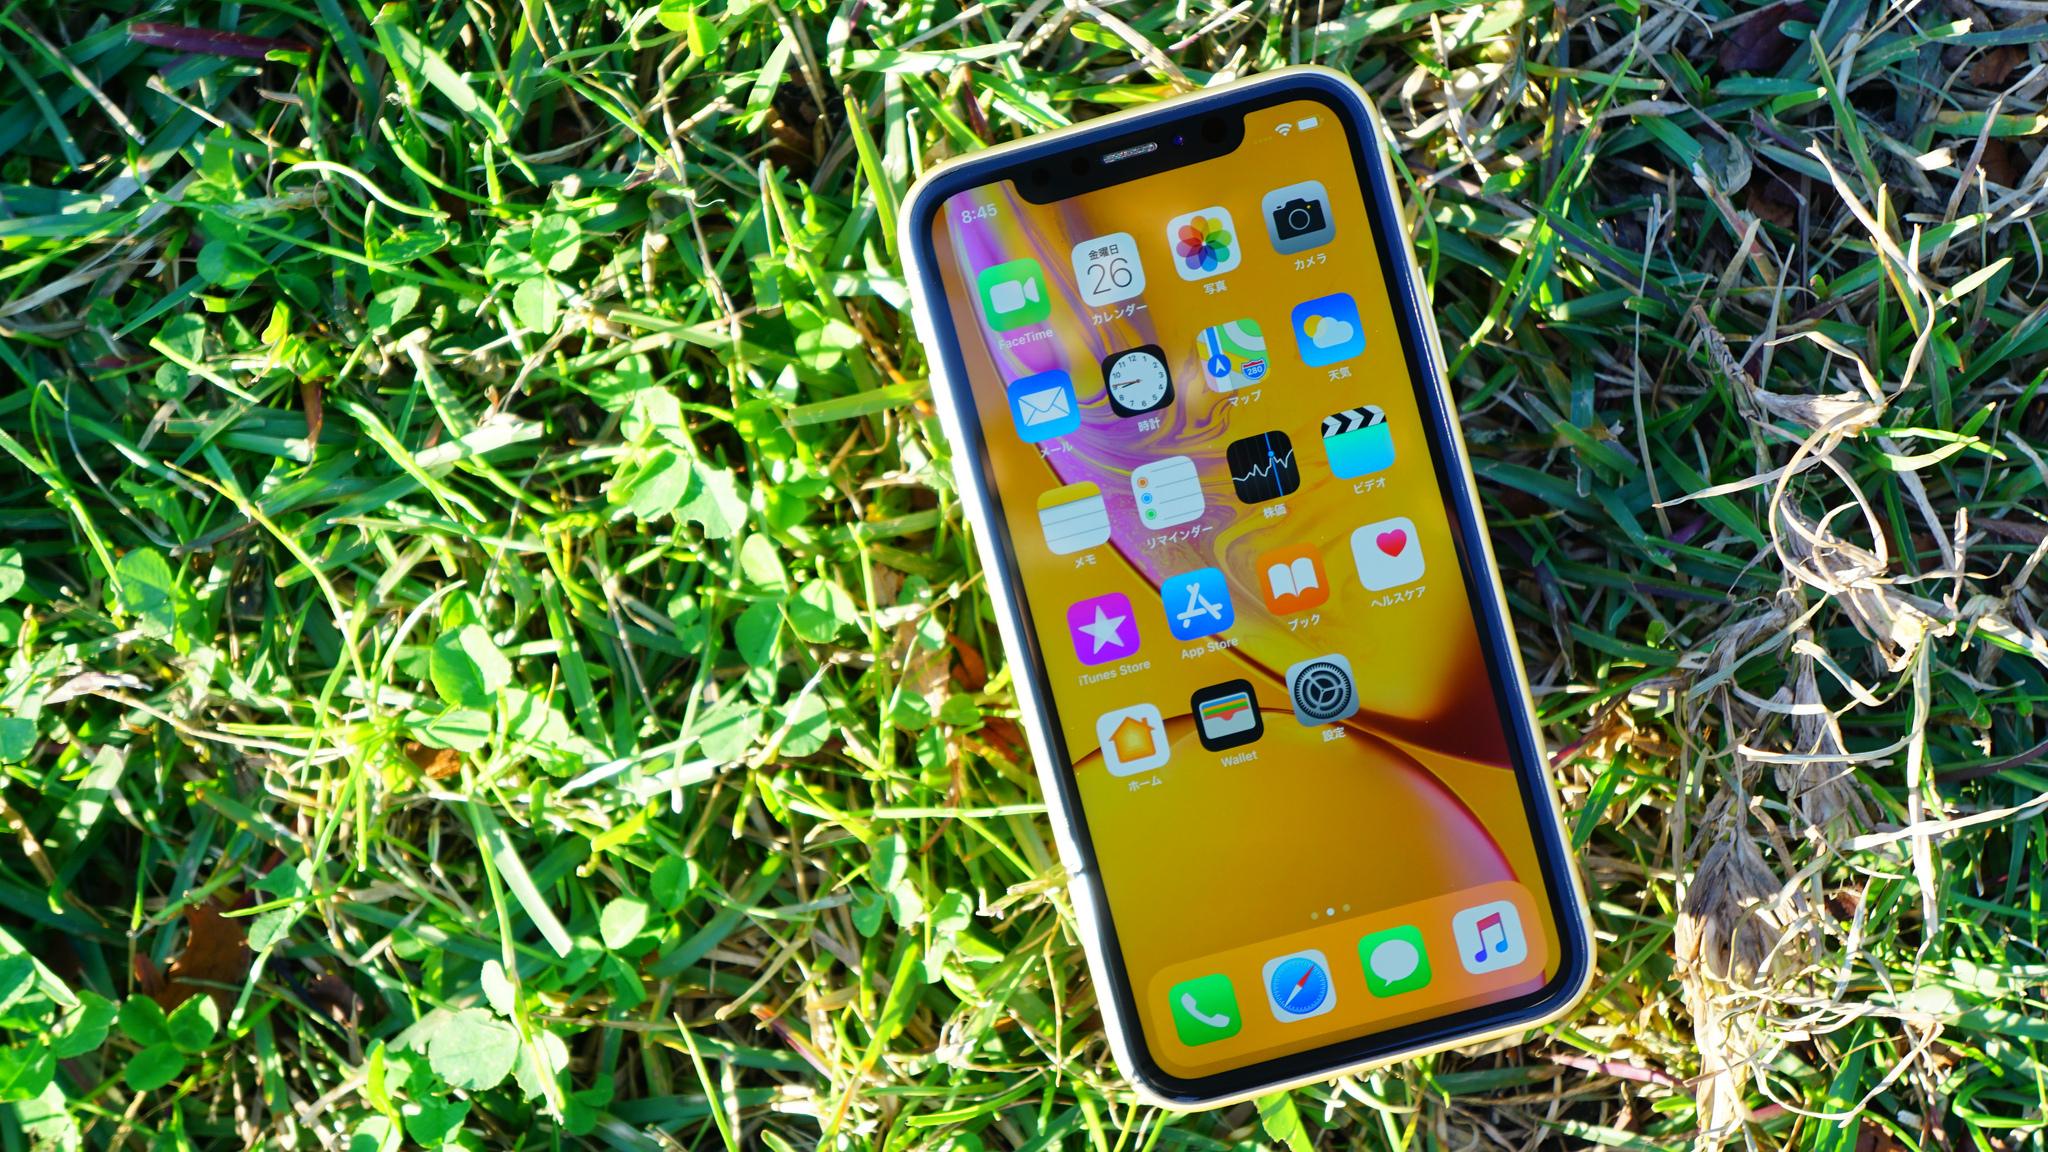 「iOS 12.1.2」へのアプデ後、4G/LTEでネットに繋がらなくなる不具合が報告される。対処方法は?